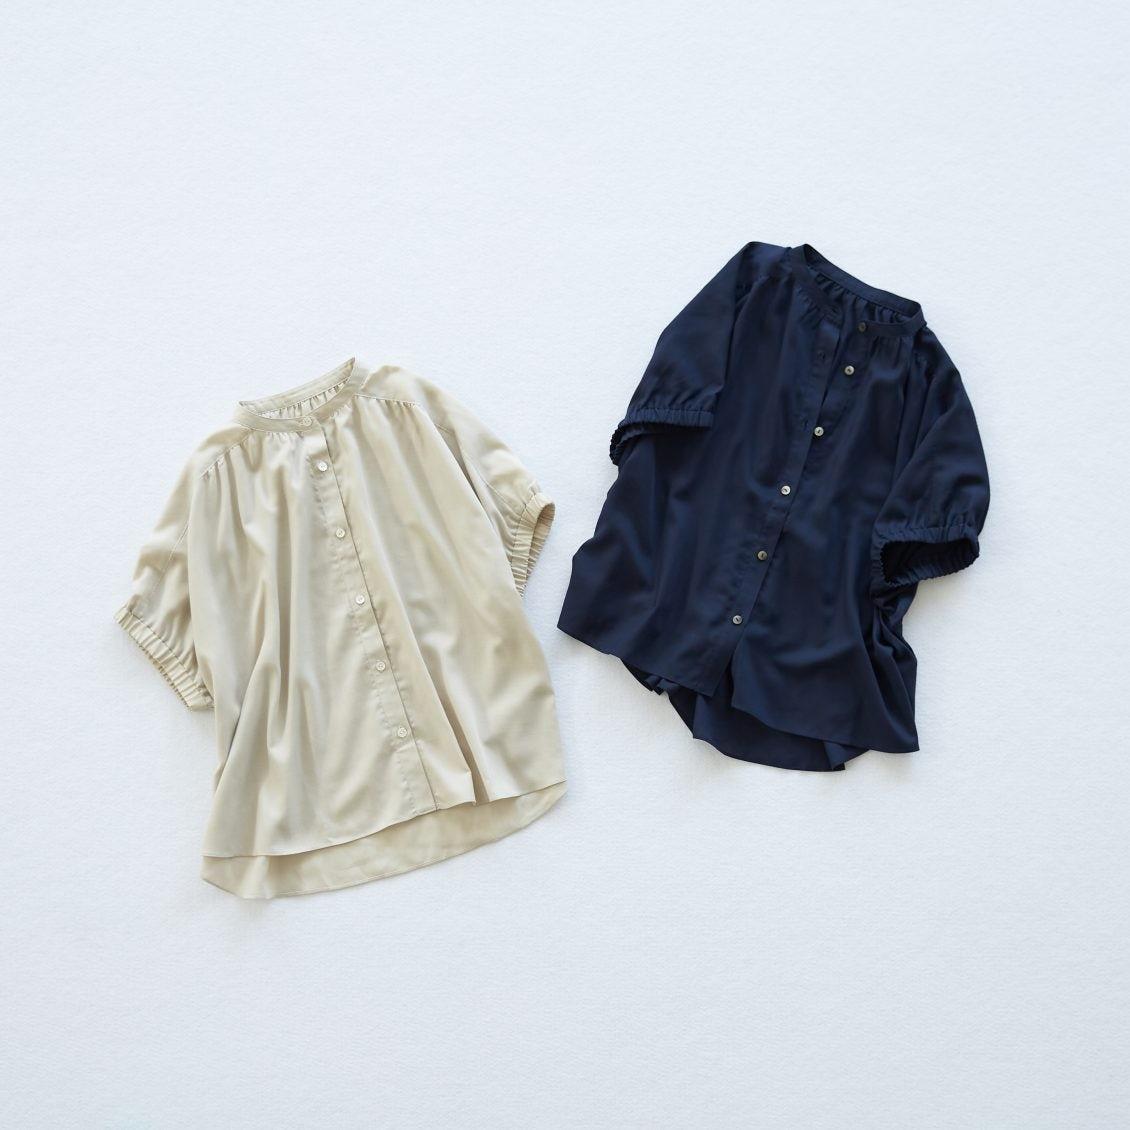 【新商品】1枚で主役級!ギャザー袖のブラウスが新登場。映画『青葉家のテーブル』で西田尚美さんも着用しています